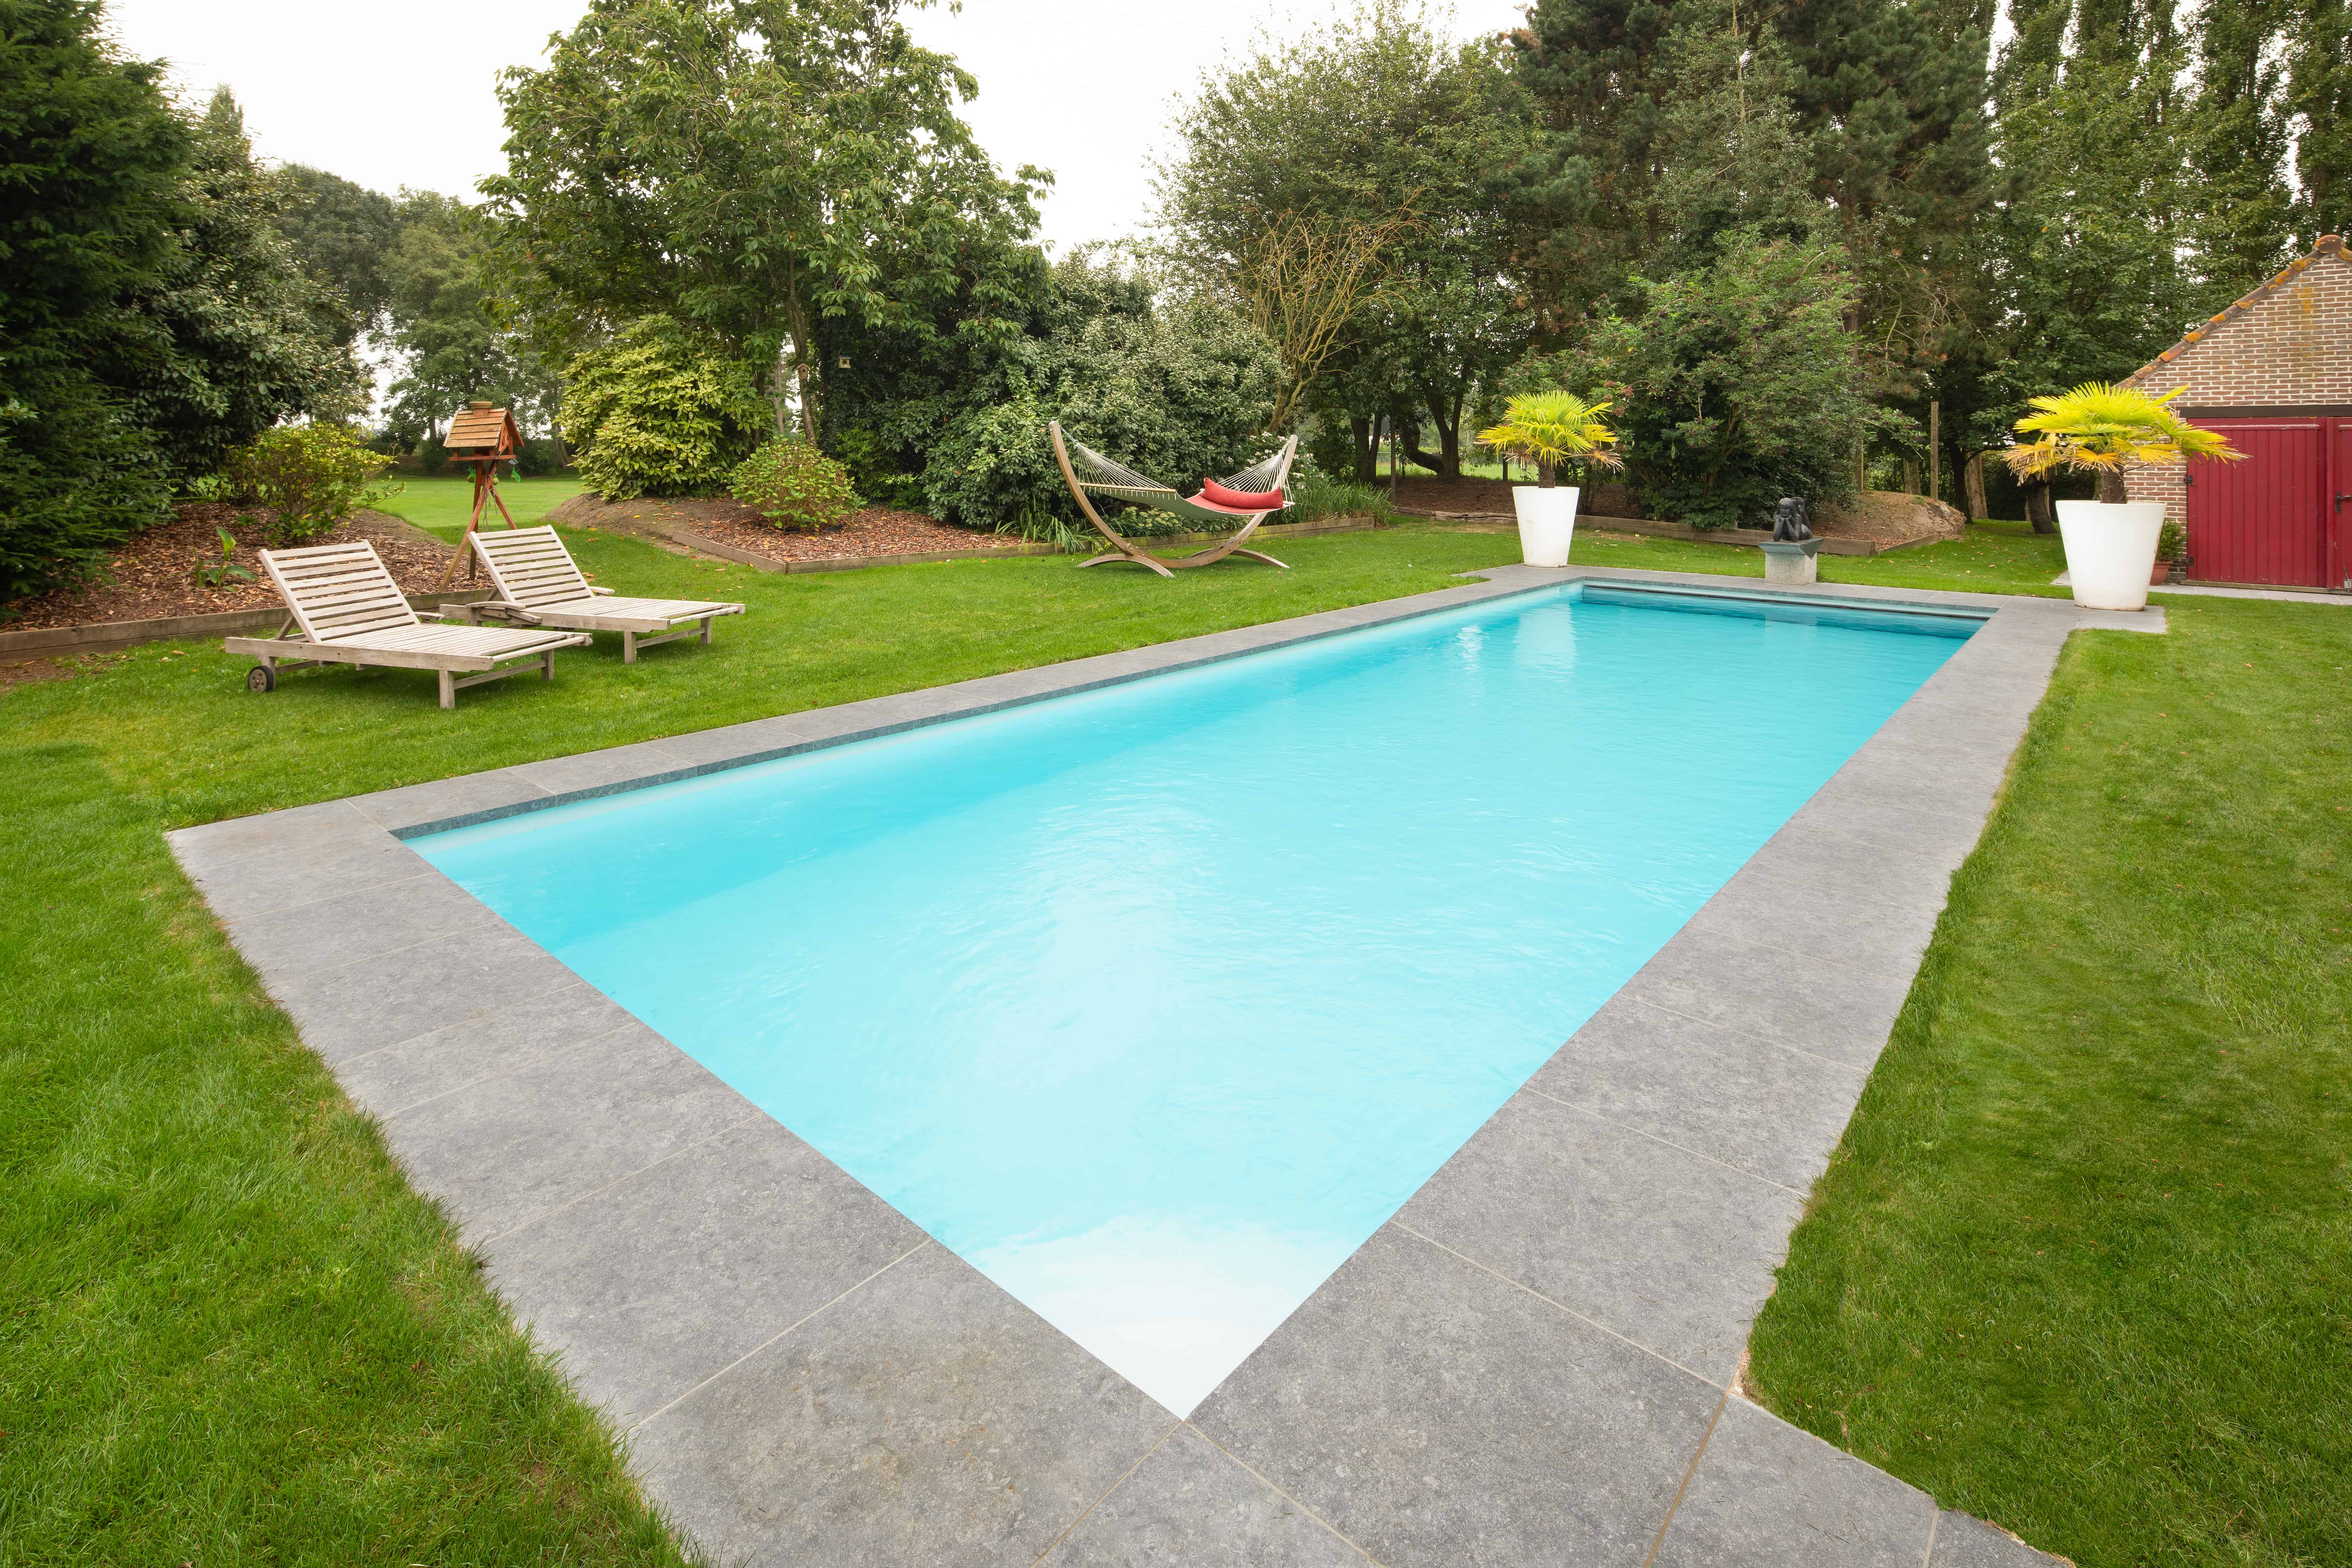 Zwembad met grote tegels rondom